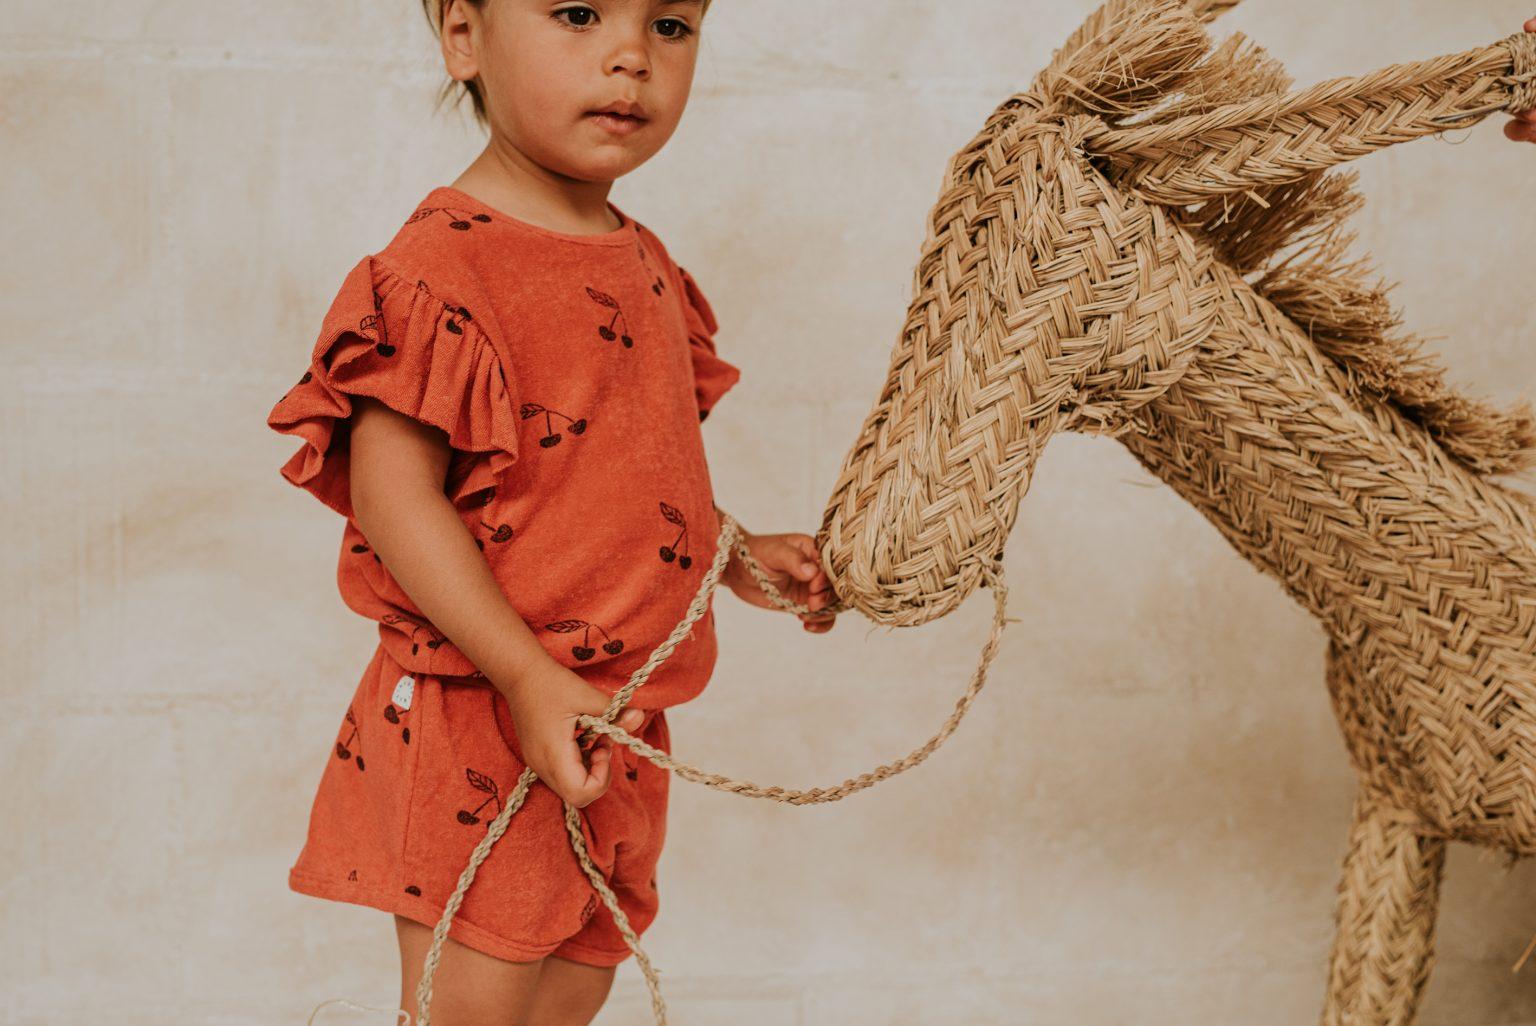 Wij lichten graag Sproet & Spruit uit bij Kinderfavorites. Je koopt hier jongens en meisjeskleding en allemaal duurzaam en goede kwaliteit.